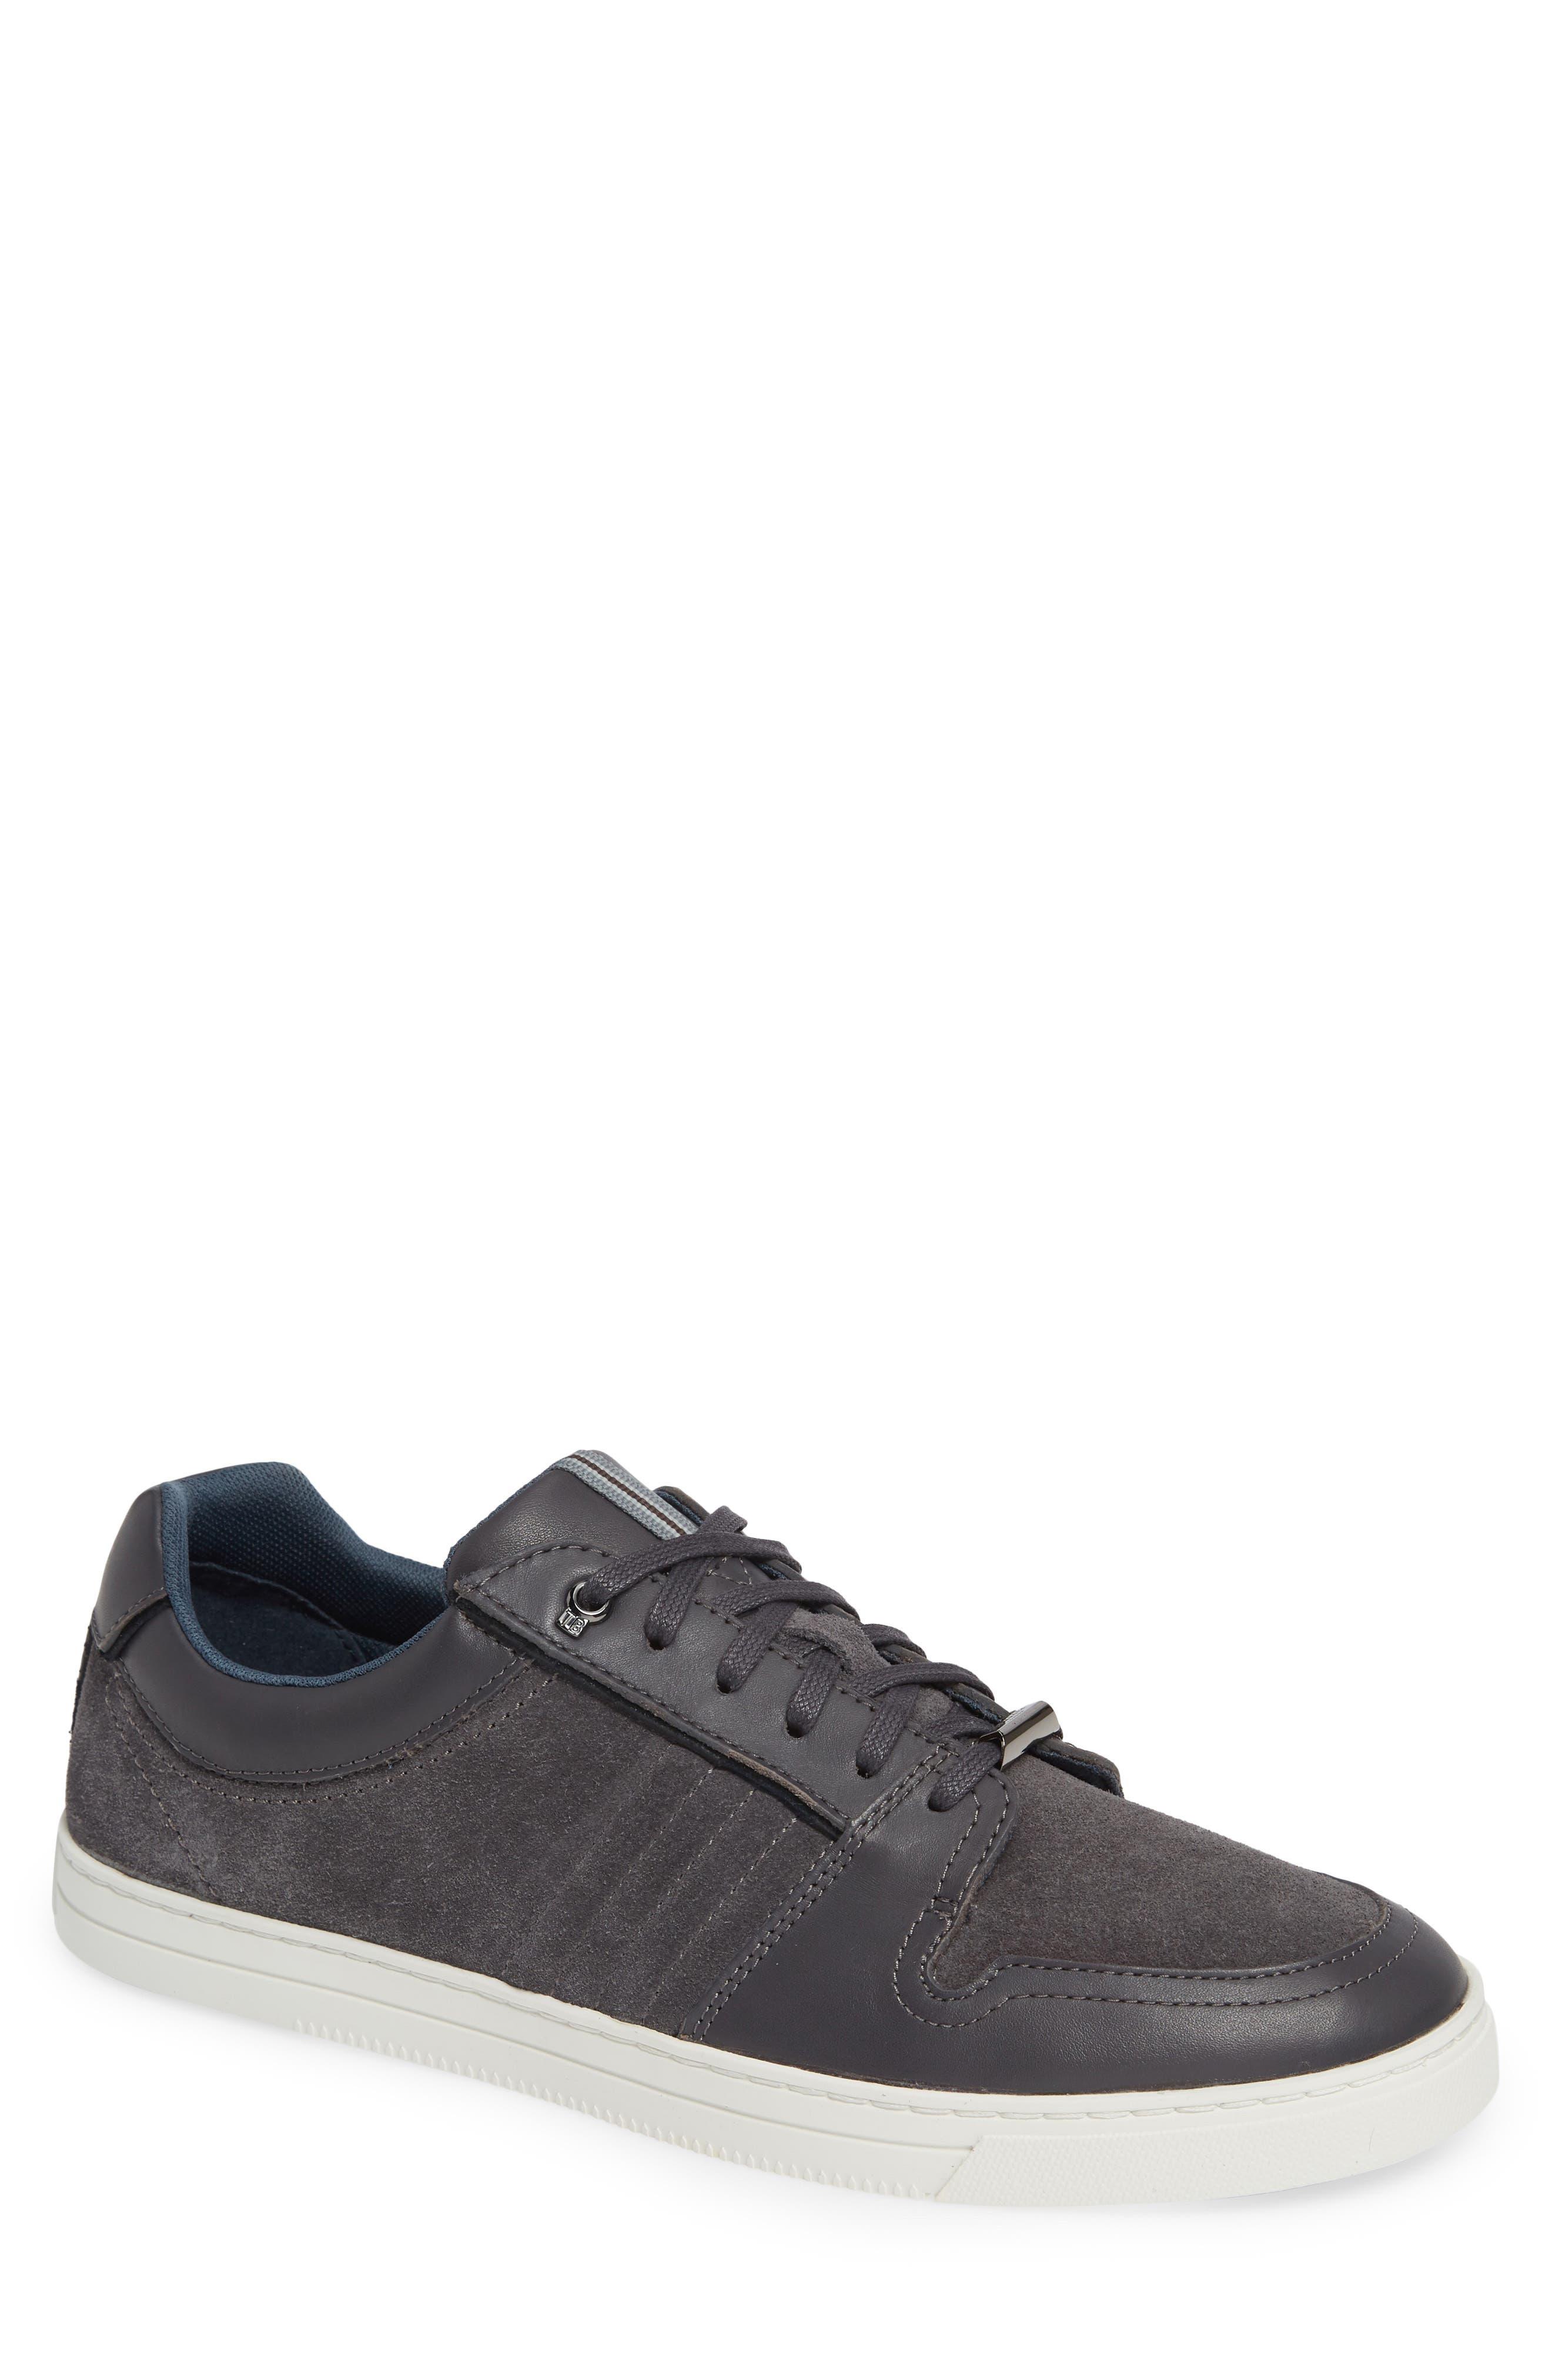 Kalhan Sneaker,                         Main,                         color, DARK GREY